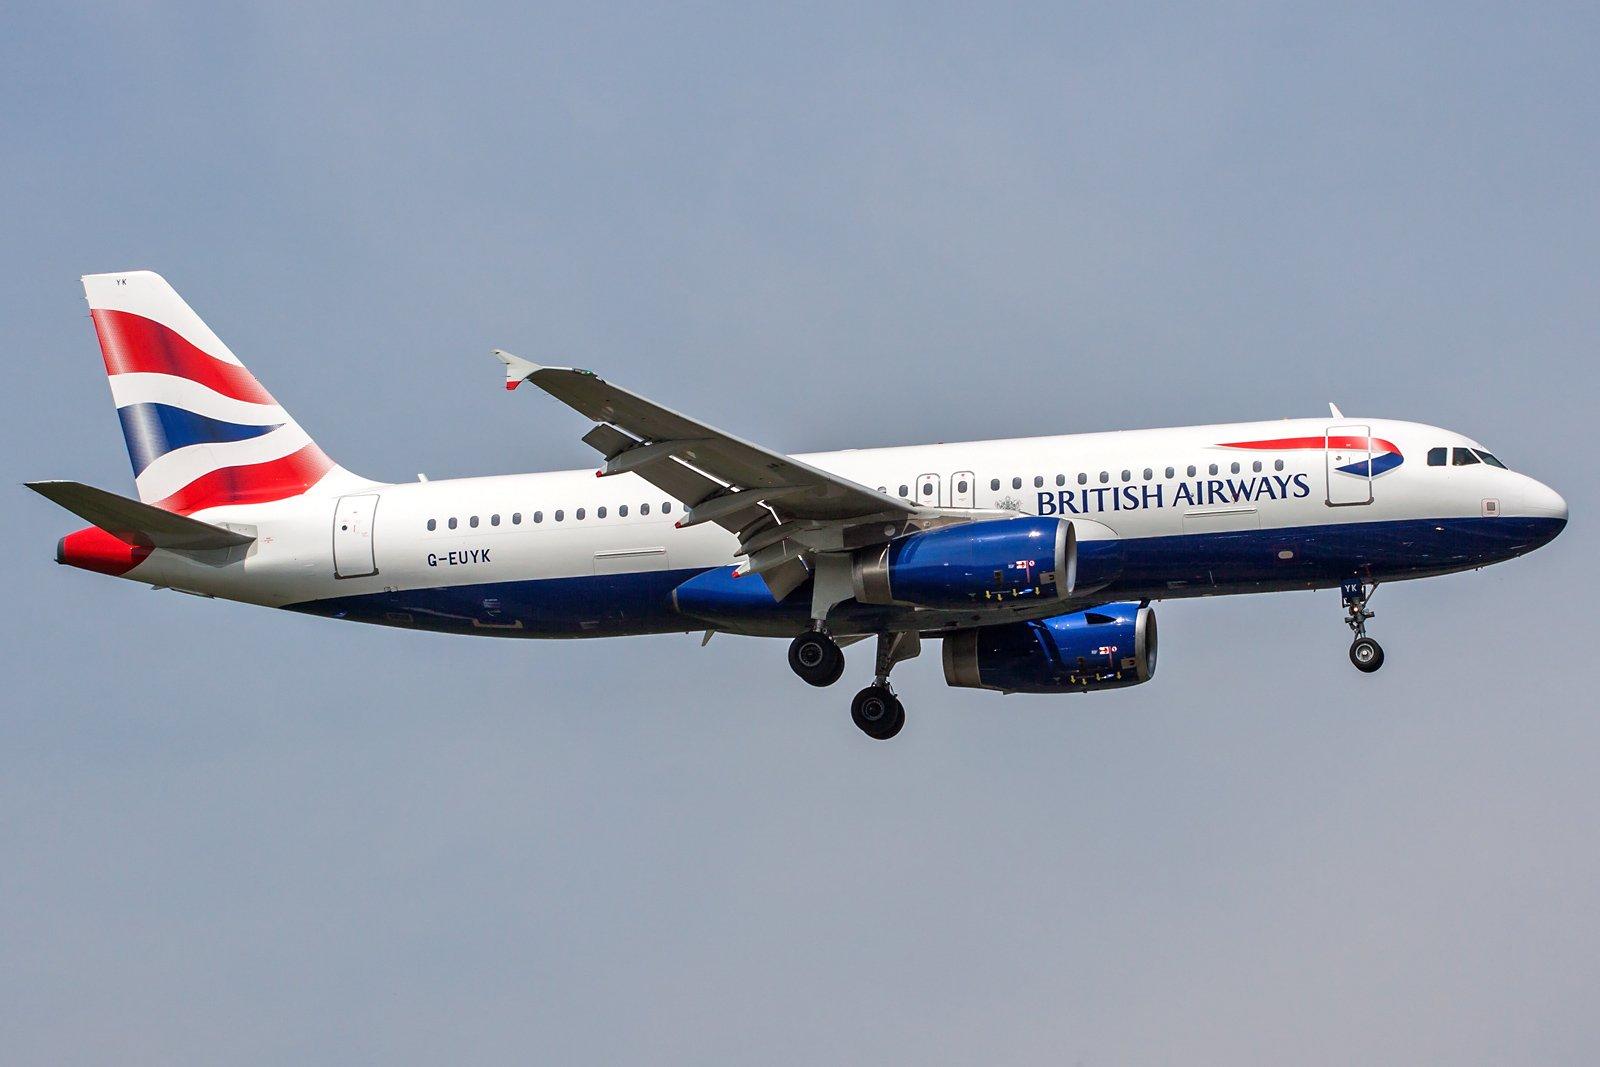 British Airways Airbus A320-232 G-EUYK